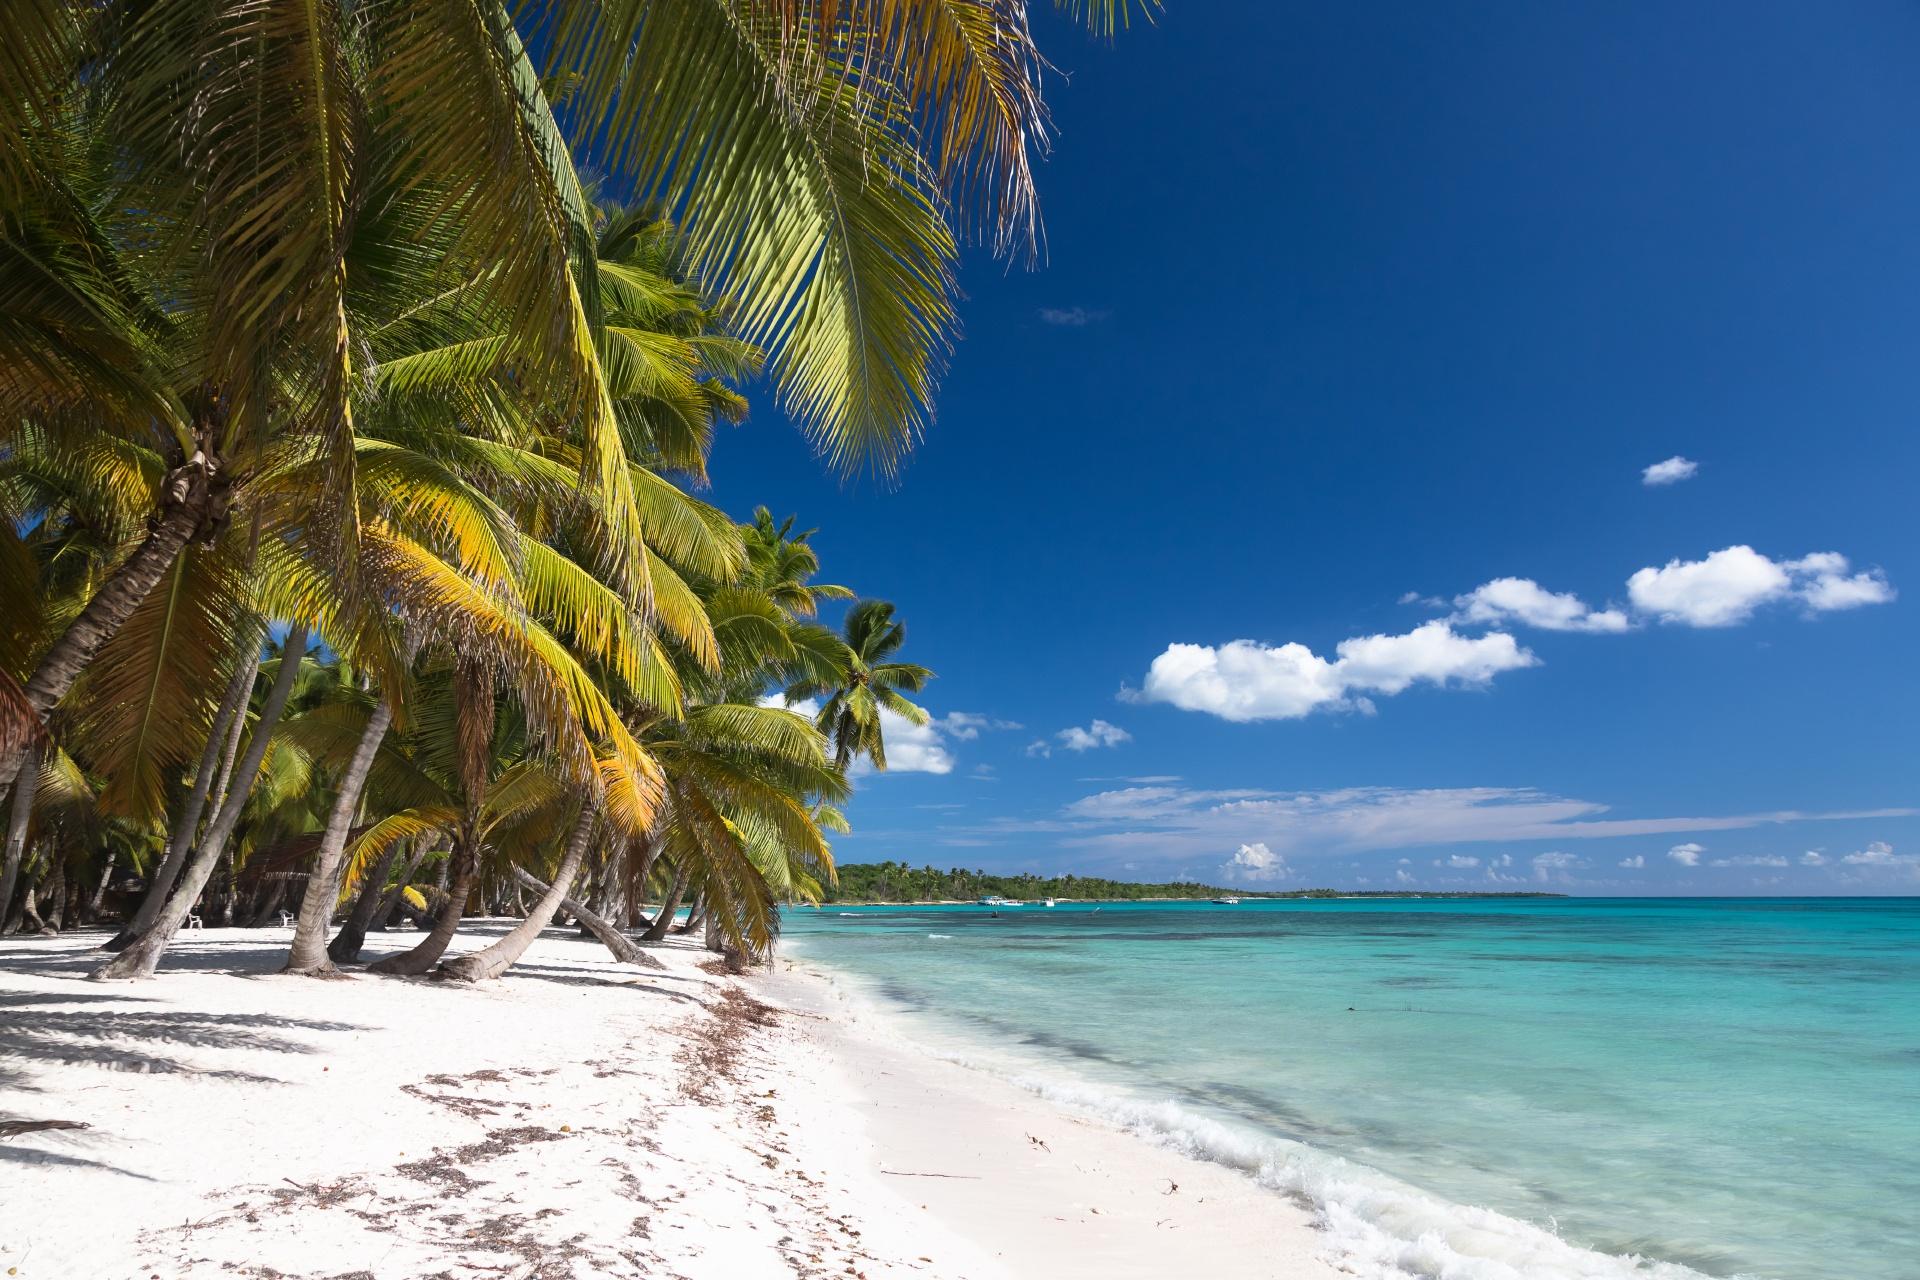 美しいカリブ海のビーチ ドミニカ共和国サオナ島